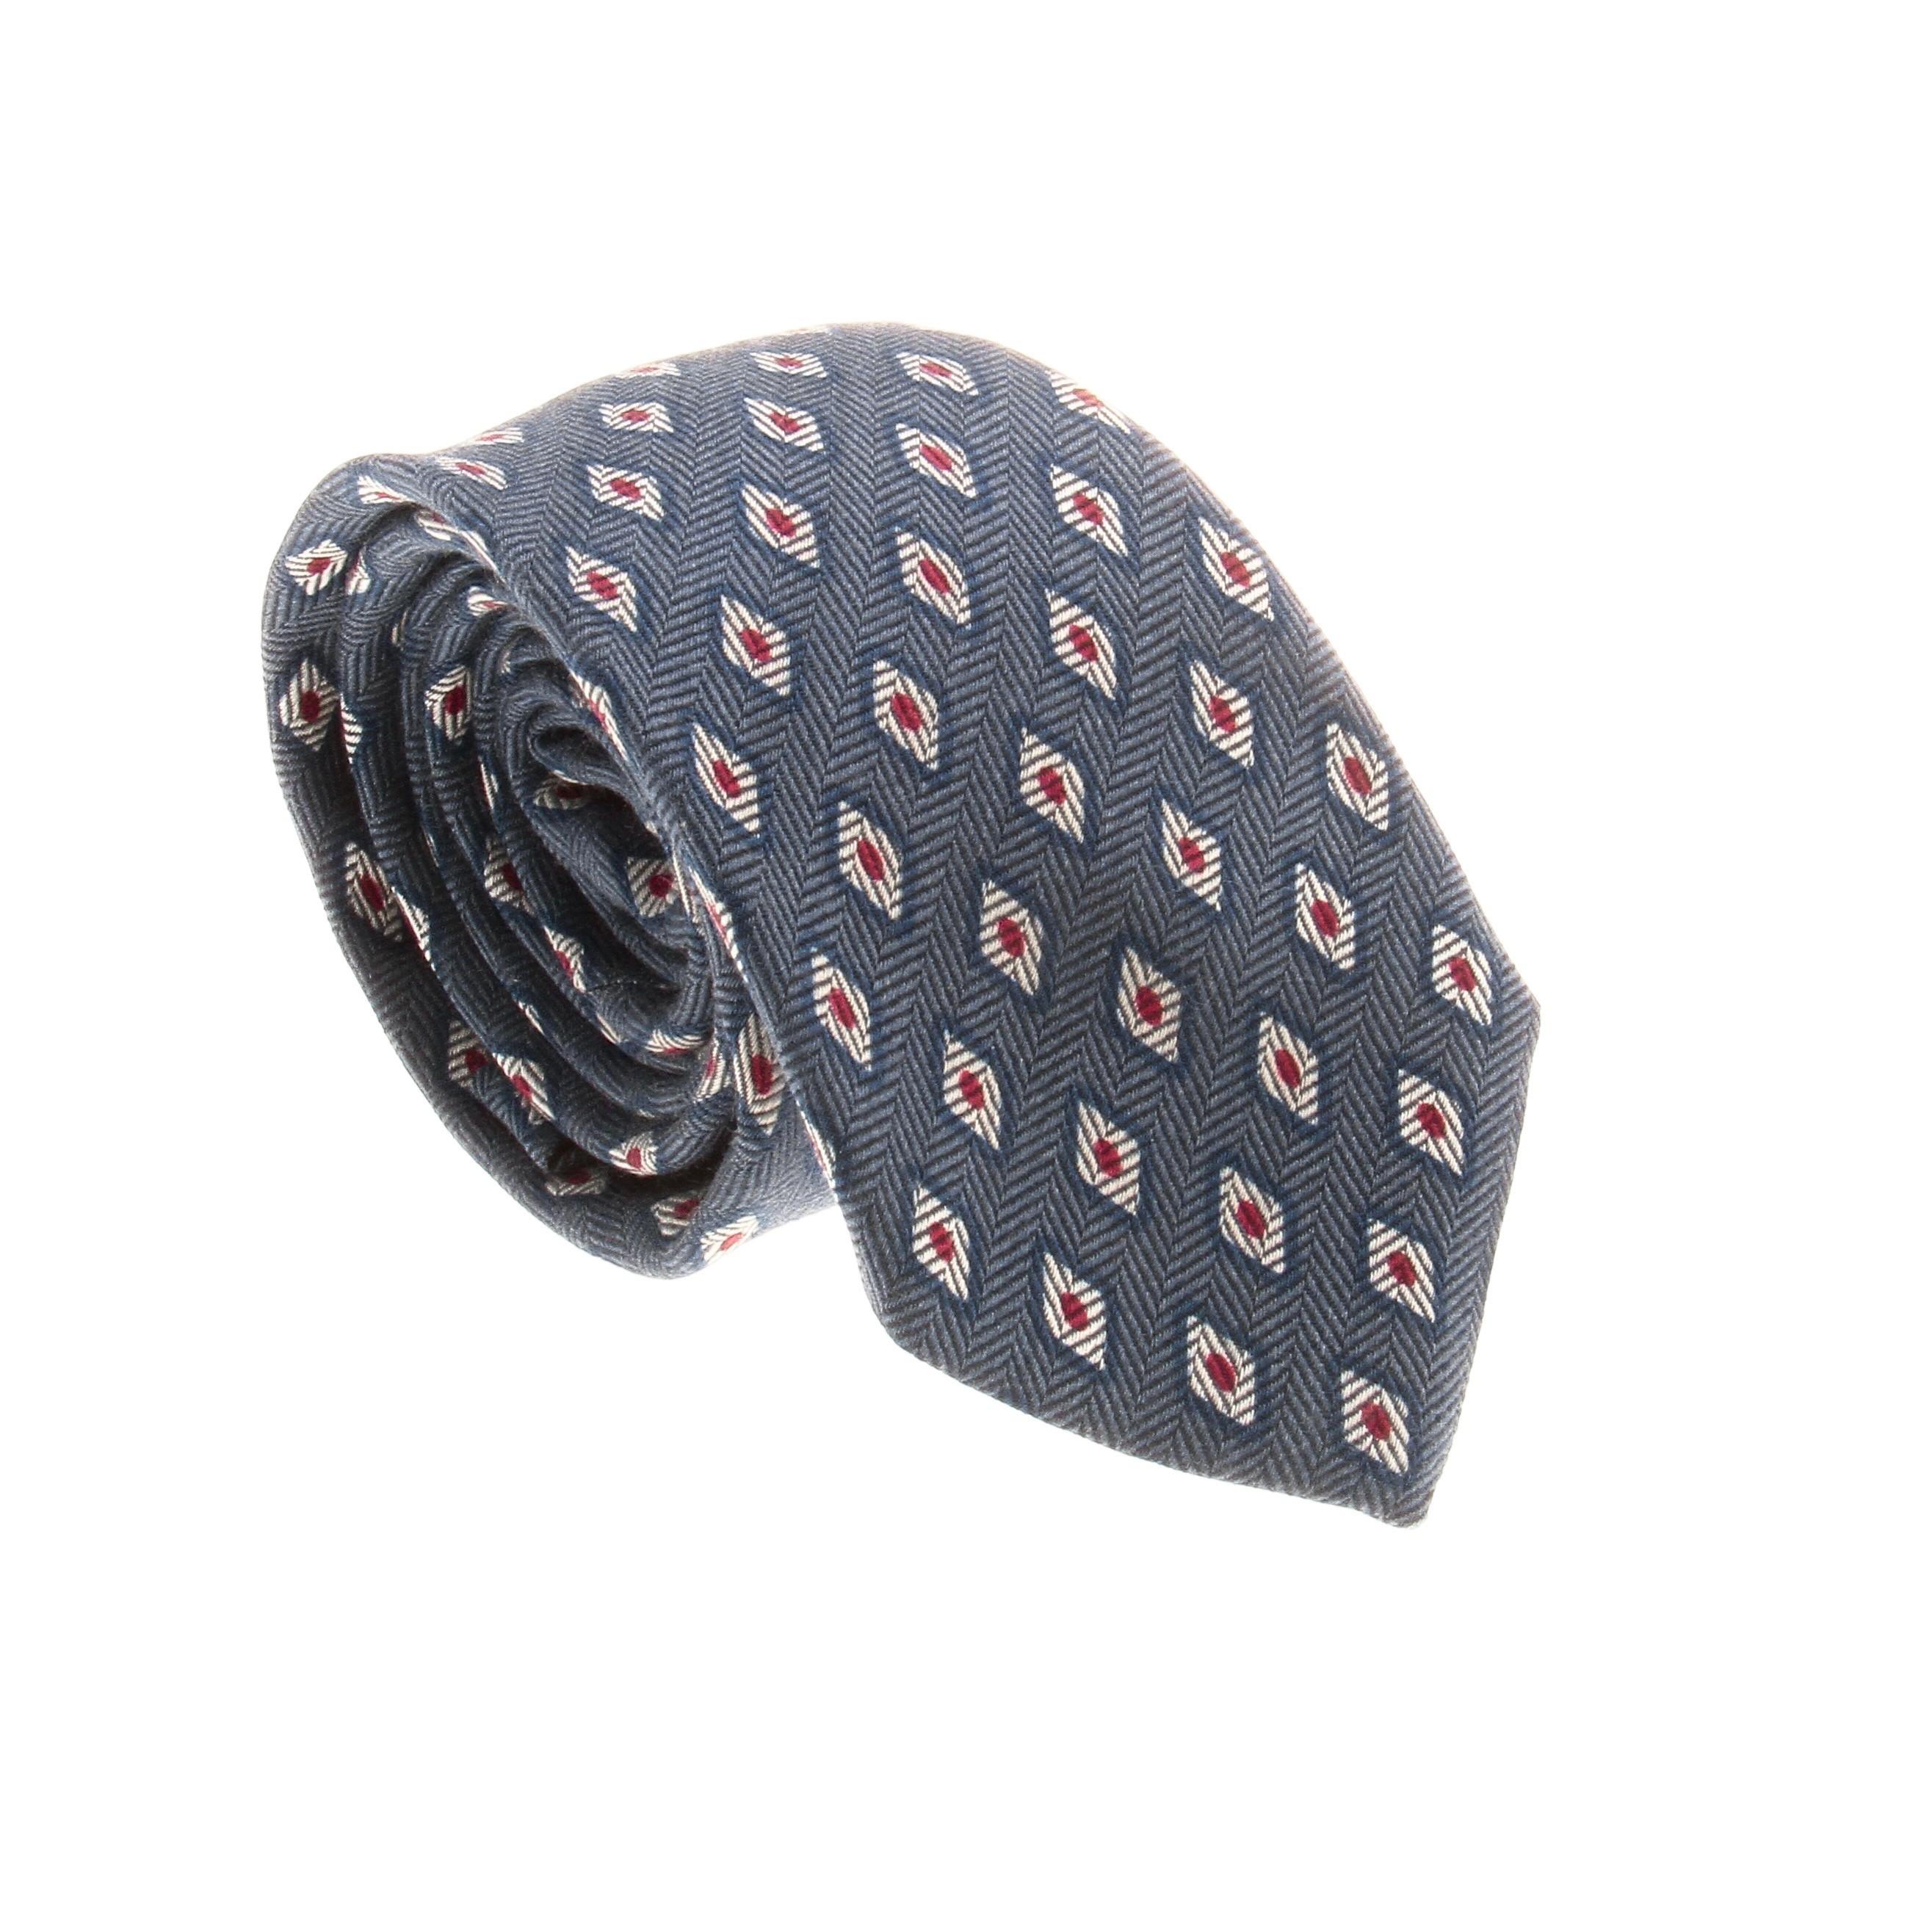 Cravate en soie : Base bleue - motifs blancs et rouges (cravate)